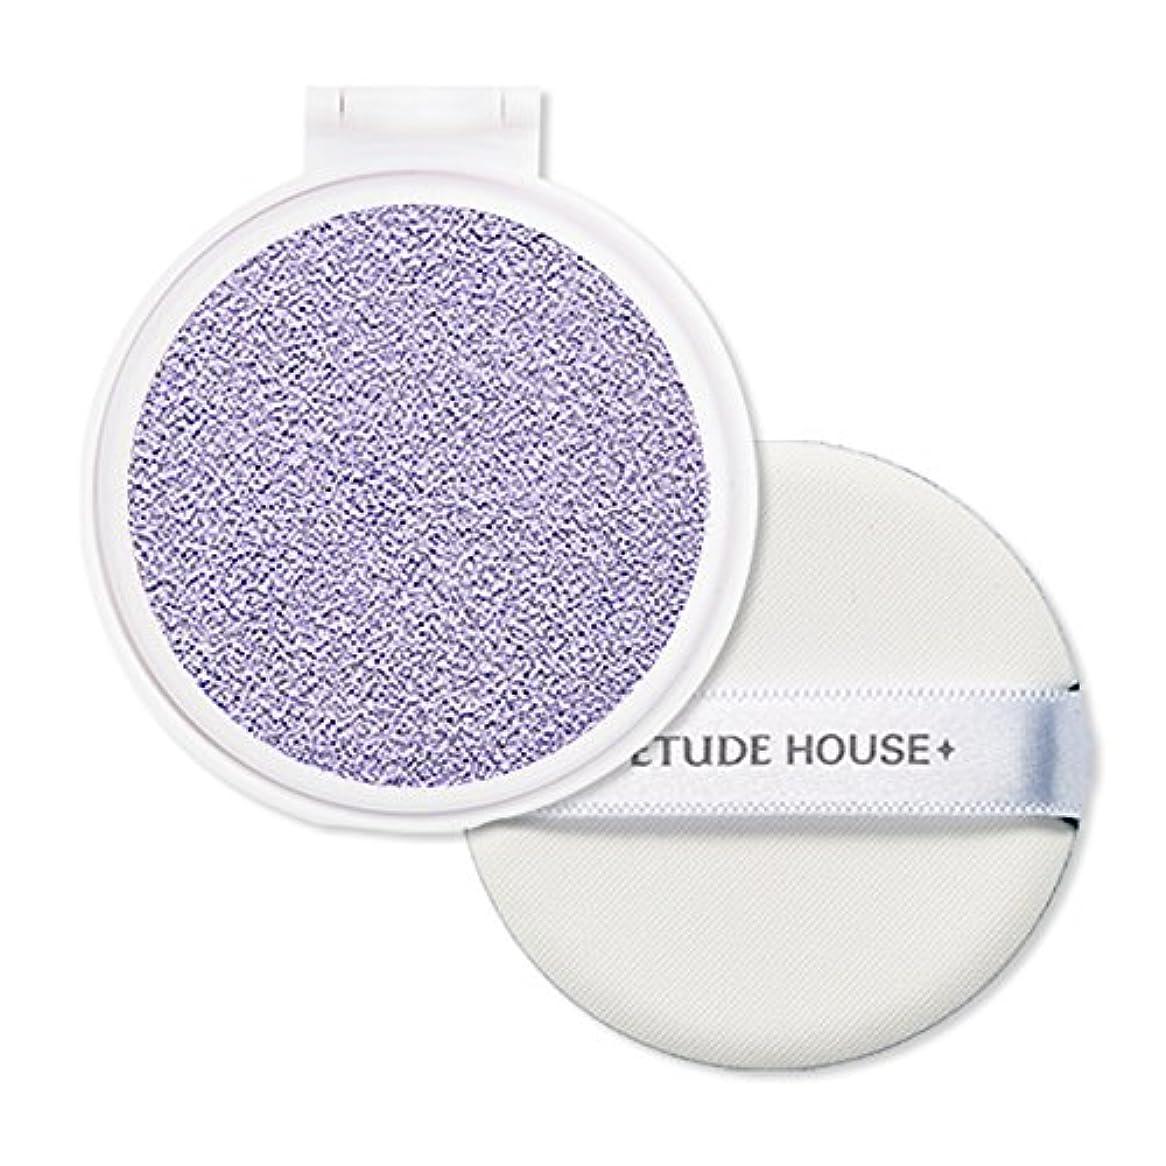 葉を拾う抑制する手首エチュードハウス(ETUDE HOUSE) エニークッション カラーコレクター レフィル Lavender